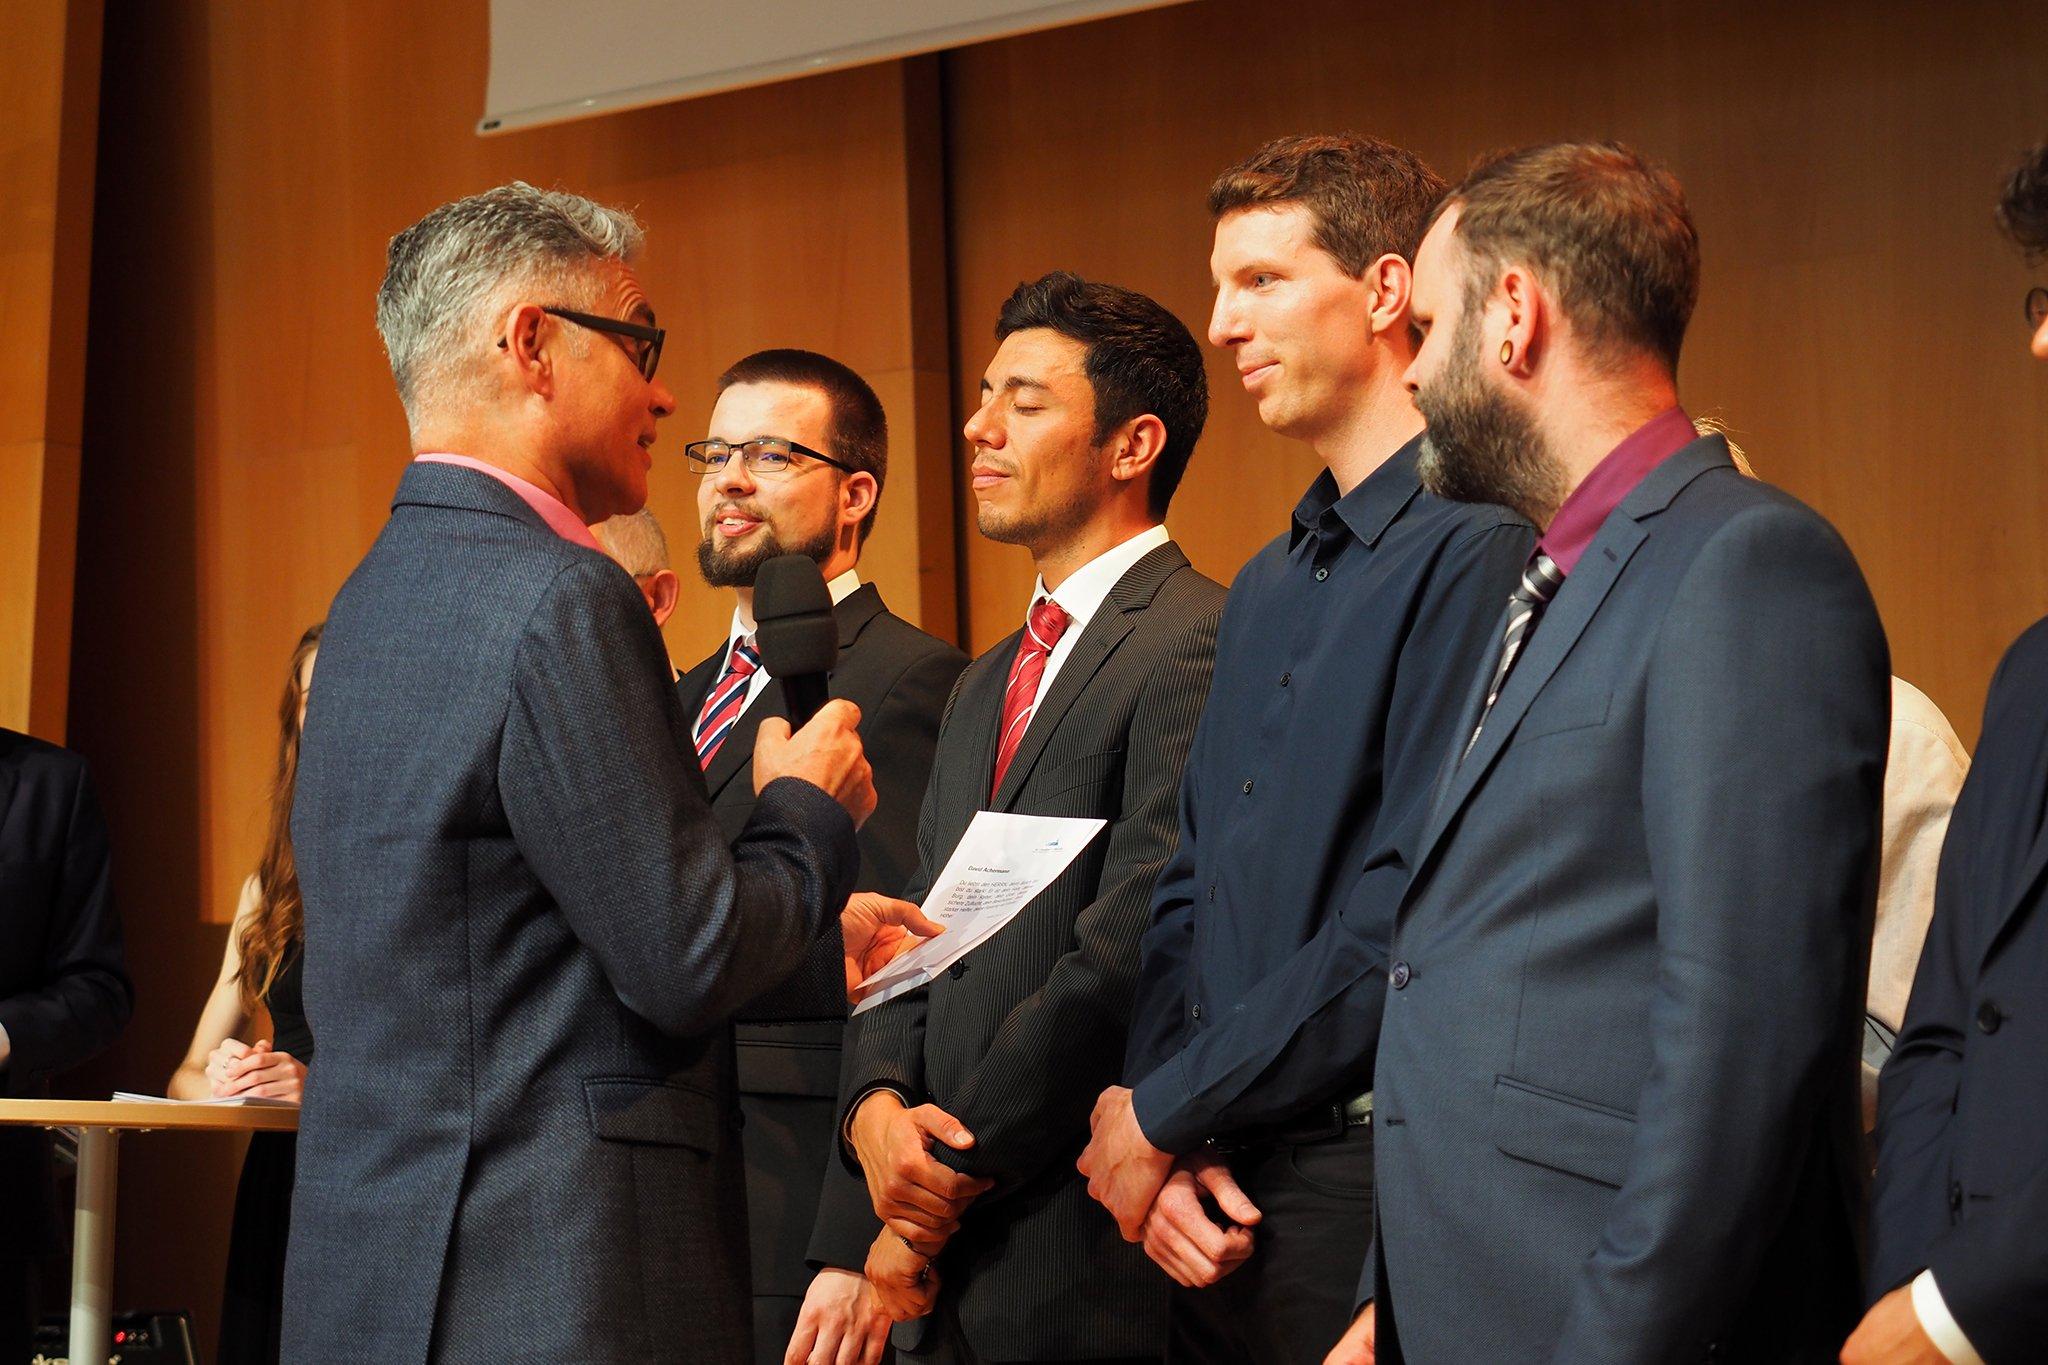 tsc-Jahresfest 2019: Der tsc-Dozent Reiner Bamberger spricht dem tsc-Absolventen David Achermann einen Bibelvers zu.